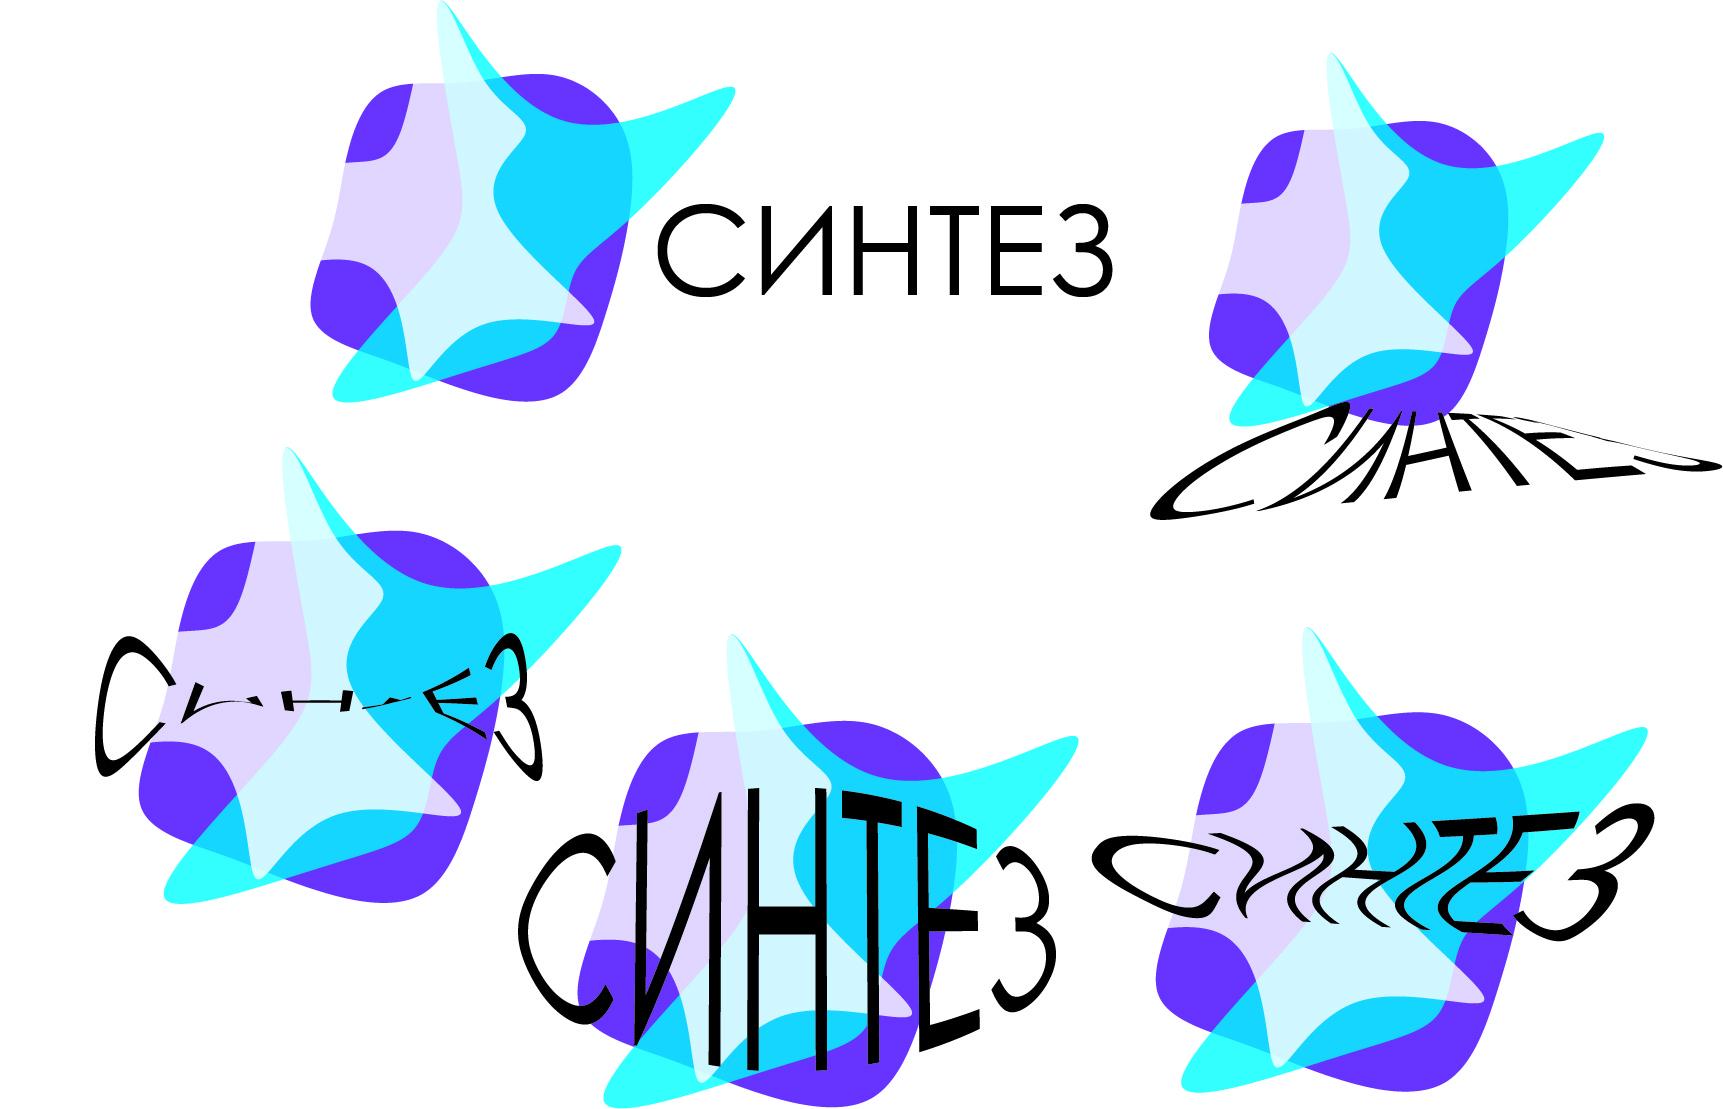 Разрабтка логотипа компании и фирменного шрифта фото f_3805f60f7863d4df.jpg